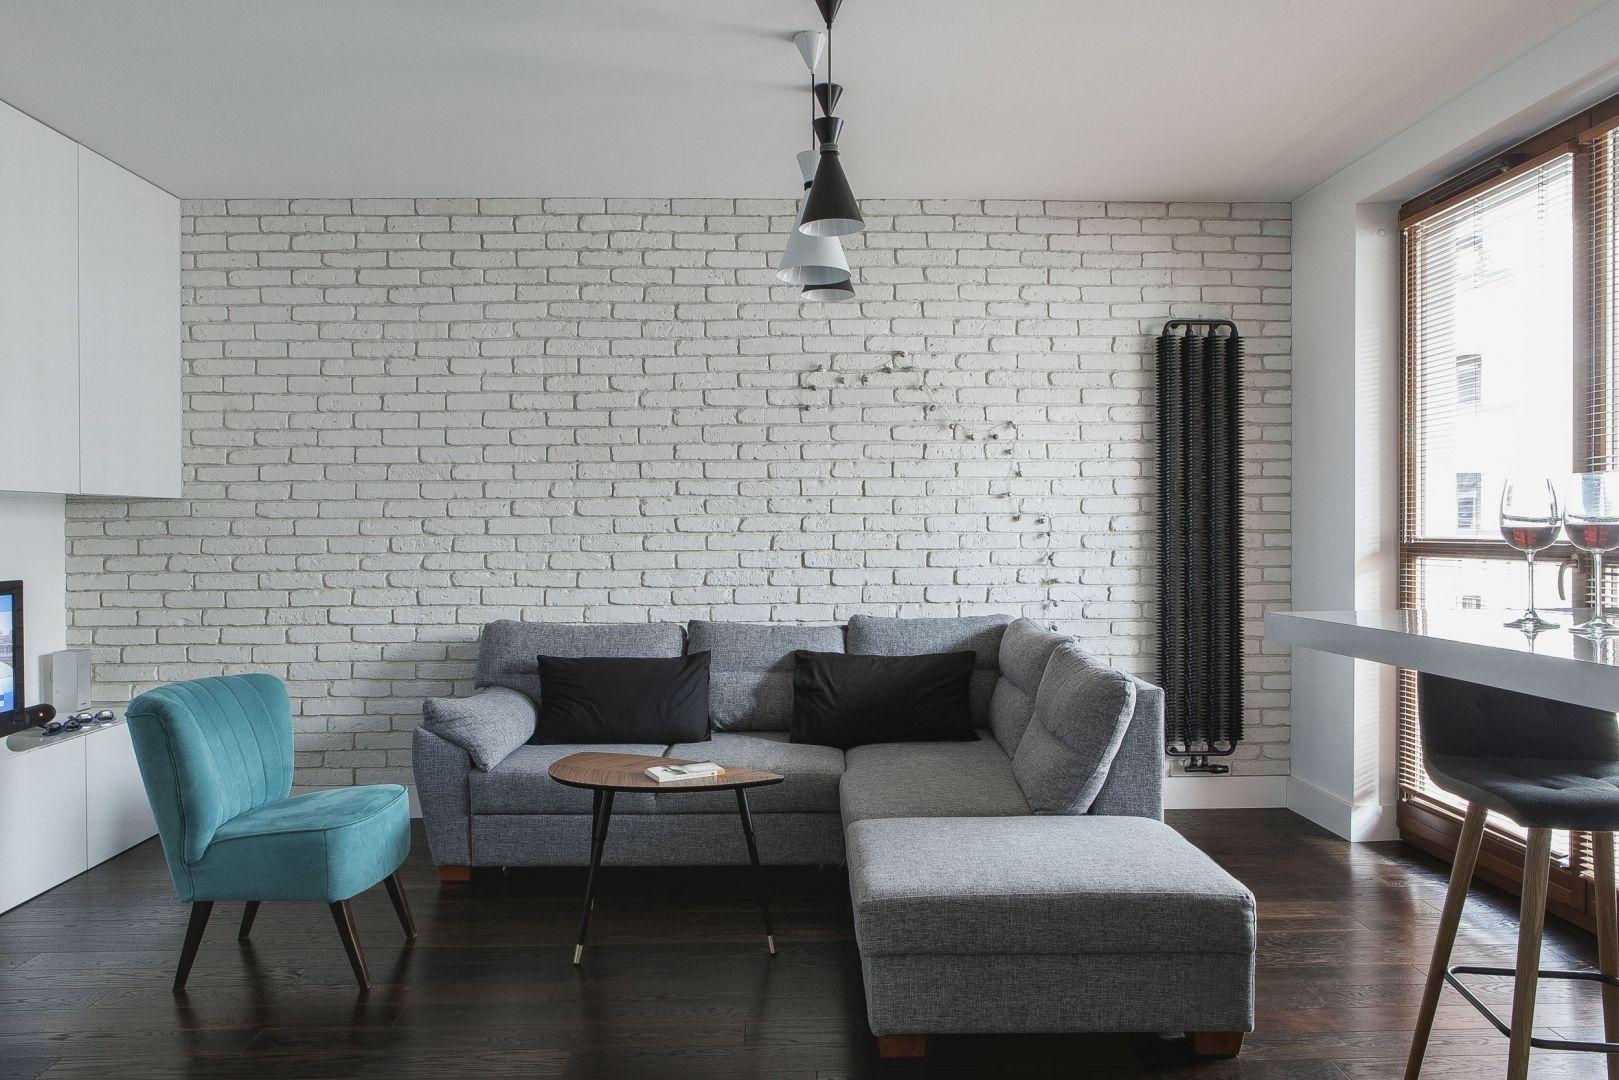 Ścianę za kanapą w całości wykończono cegłą w białym  kolorze, dzięki czemu salon jest jasny i nowoczesny. Projekt: MAFGroup. Fot. Emi Karpowicz